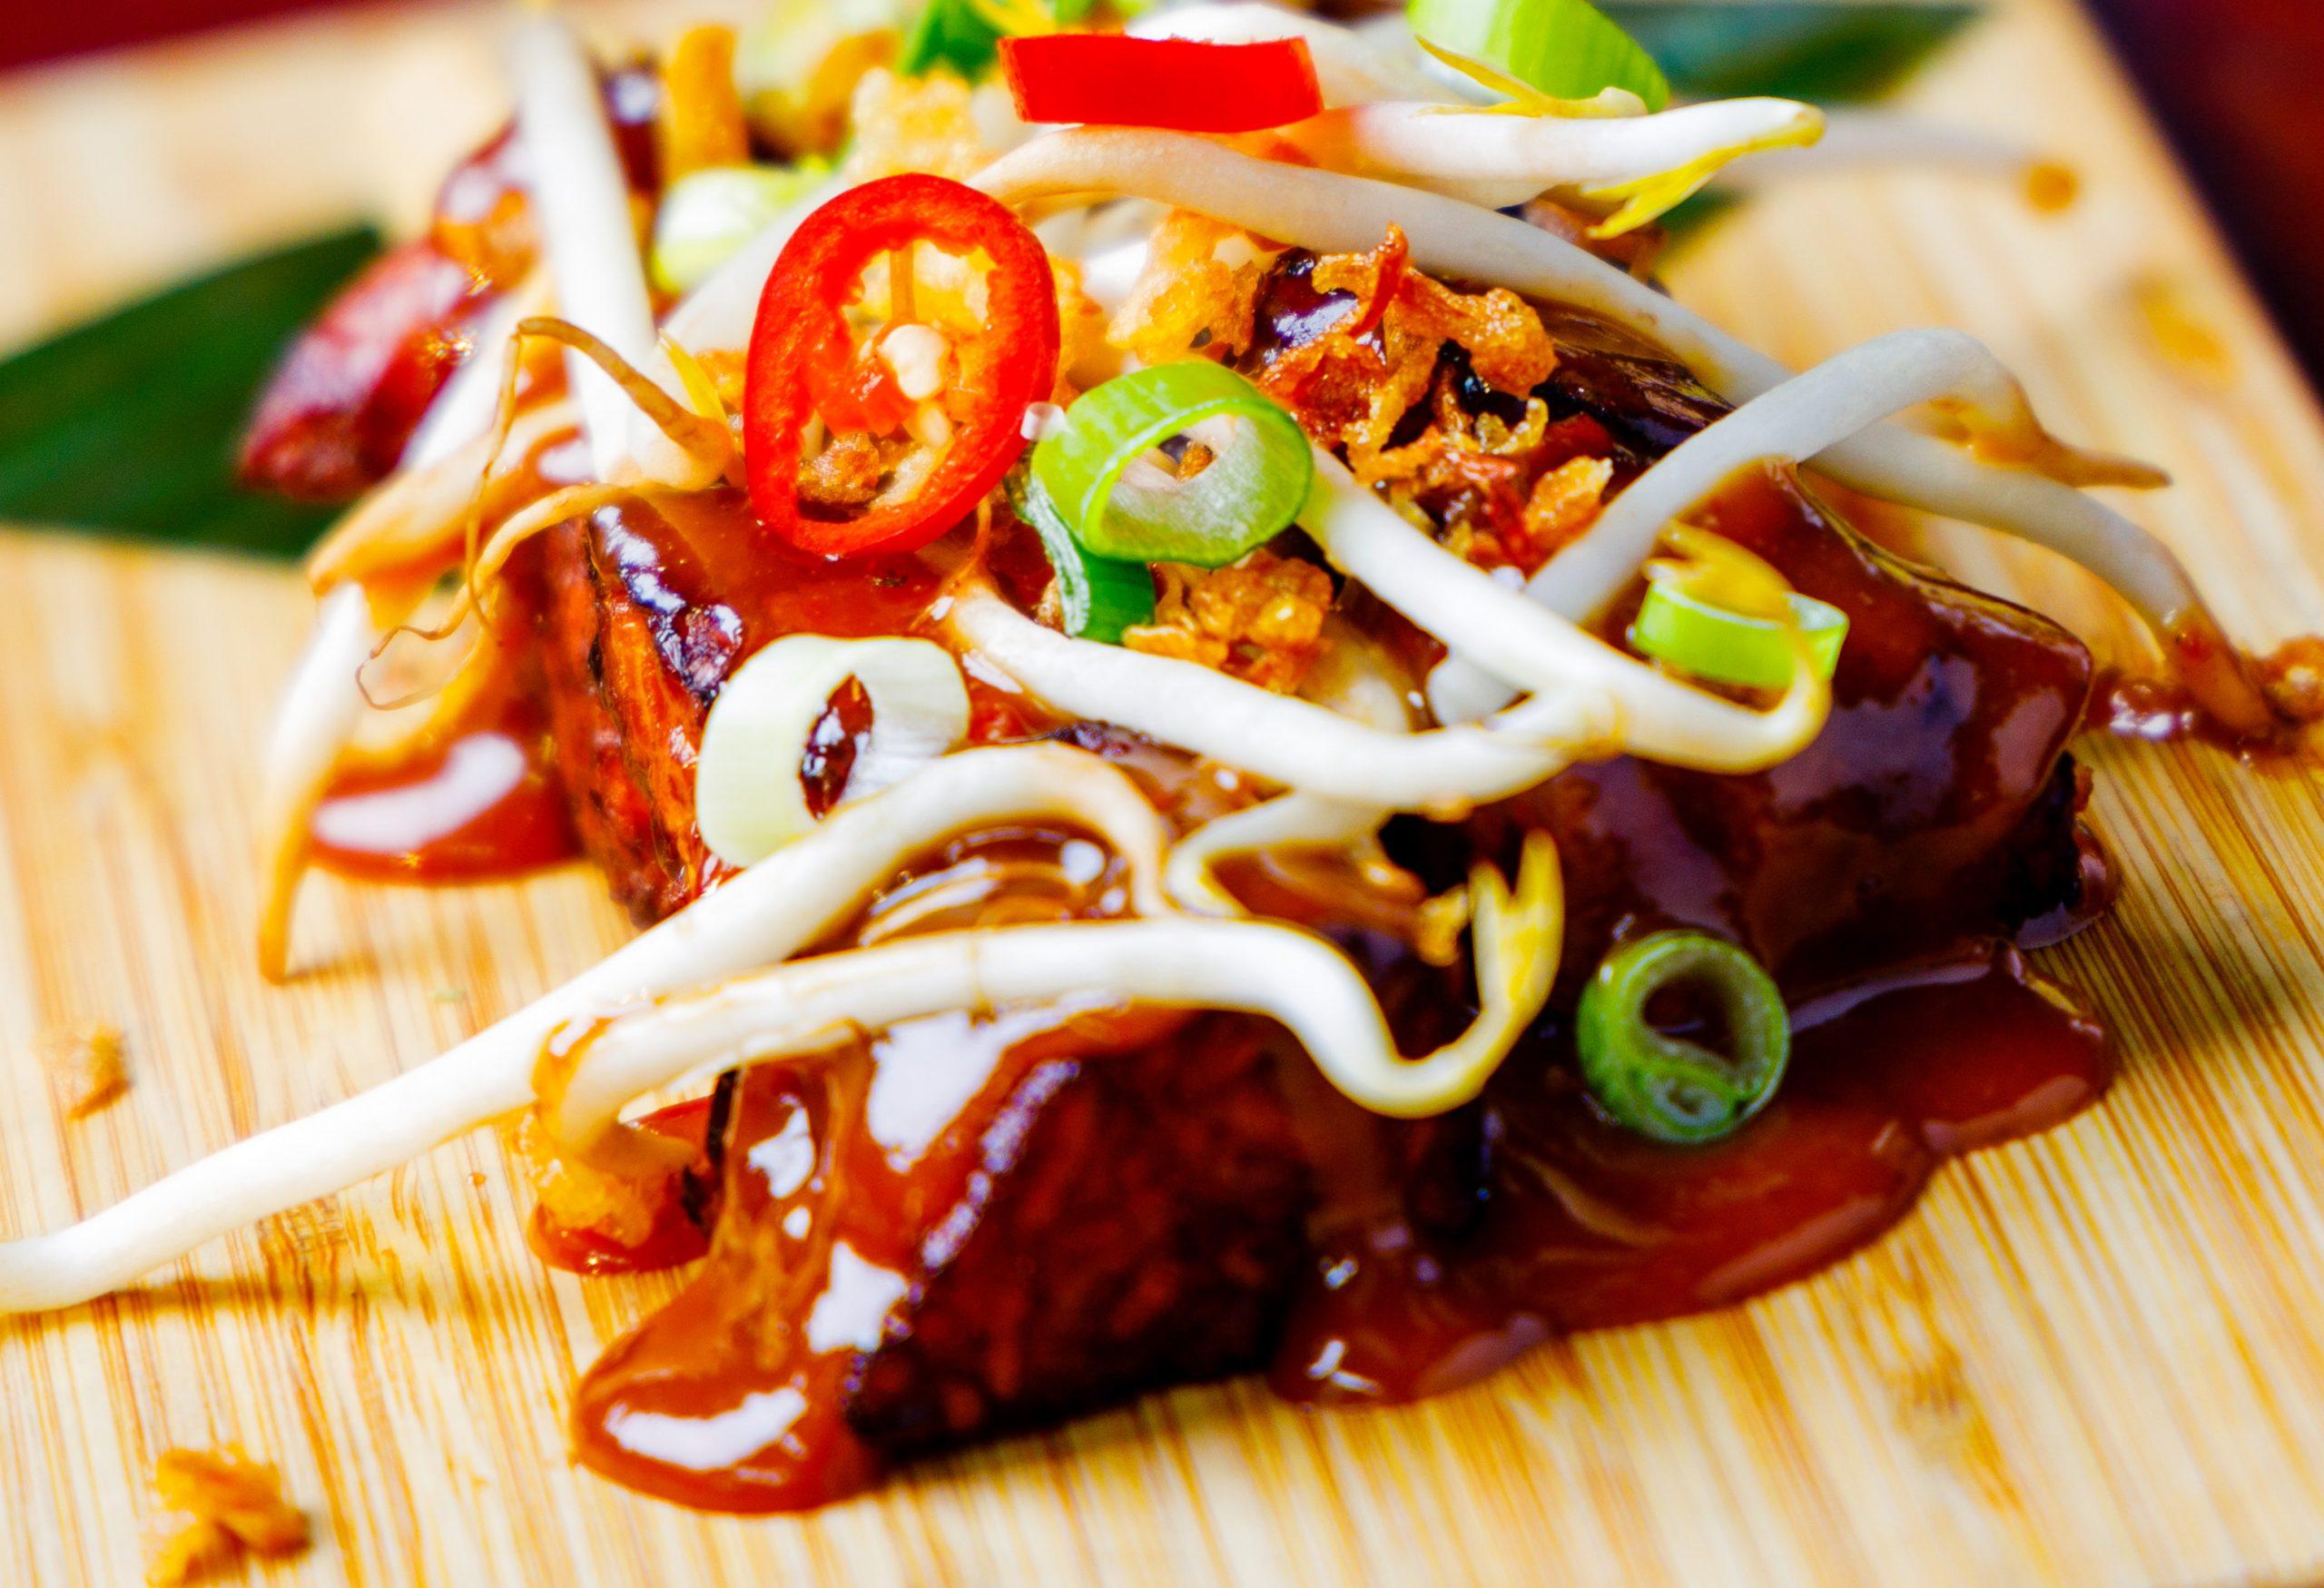 Plan-B-Food-8586